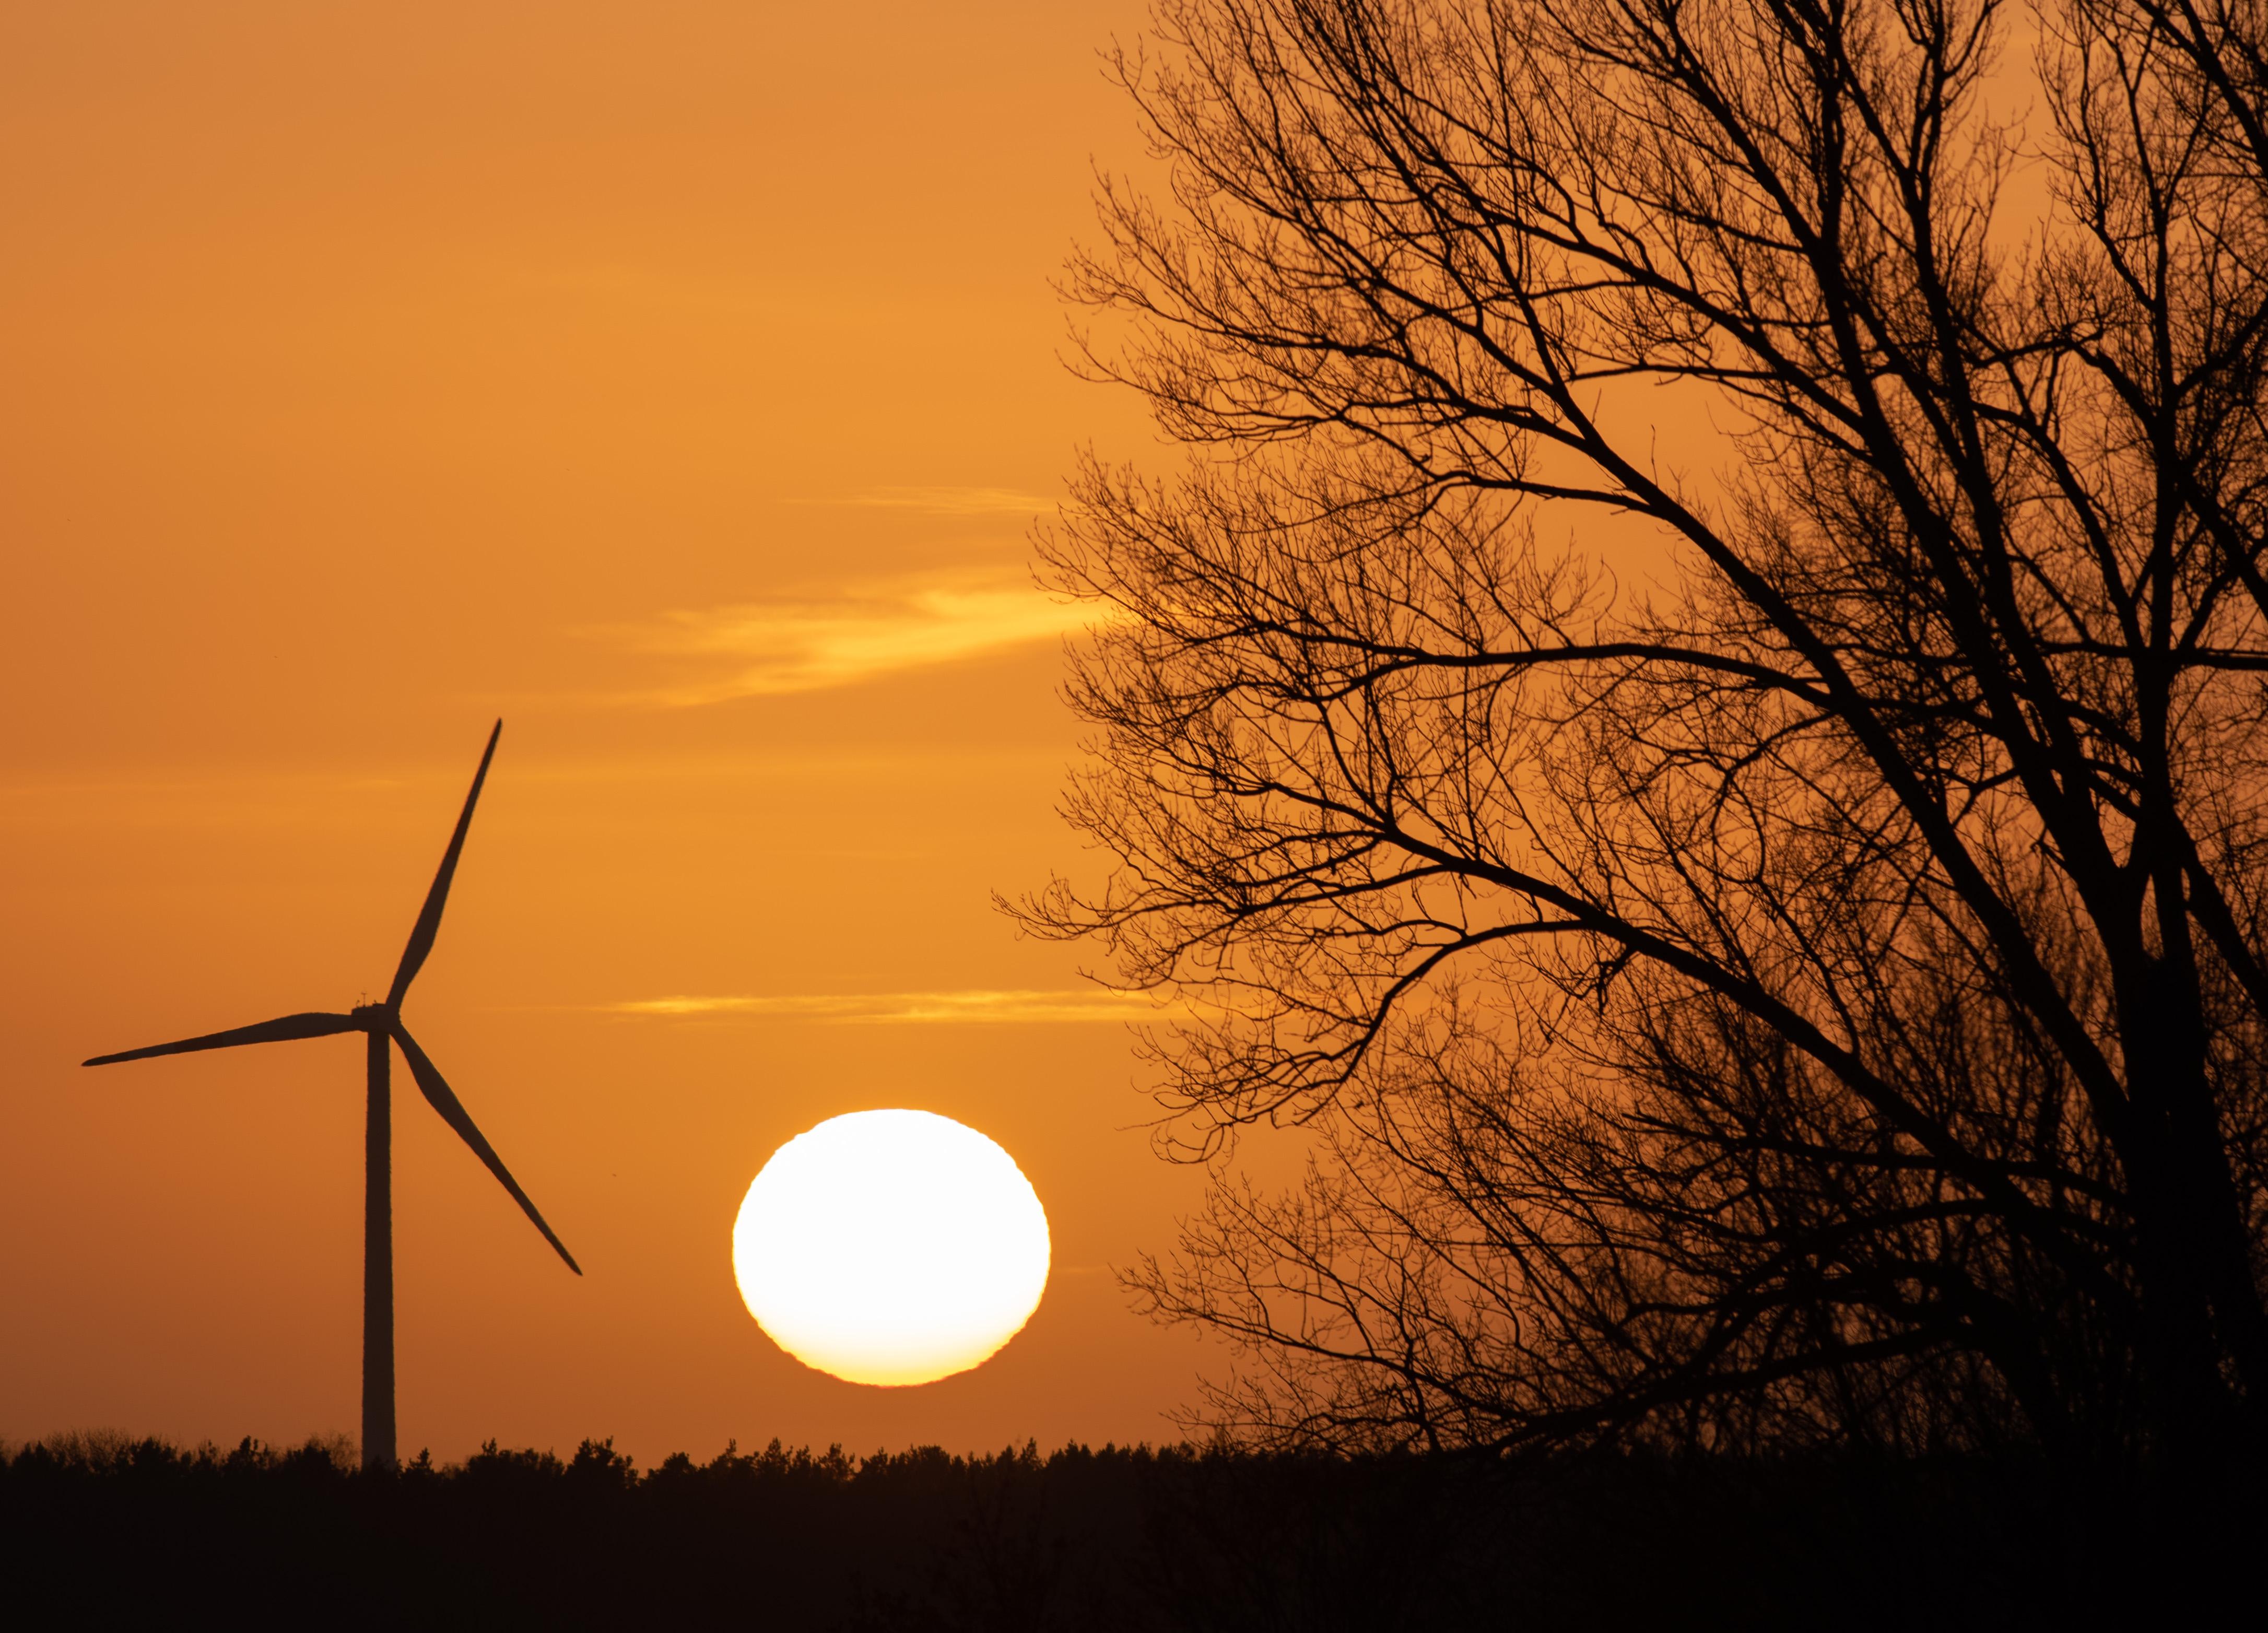 Észak-Nyugat-Magyarországon elég szél fúj, mégse lehet szélerőművet telepíteni